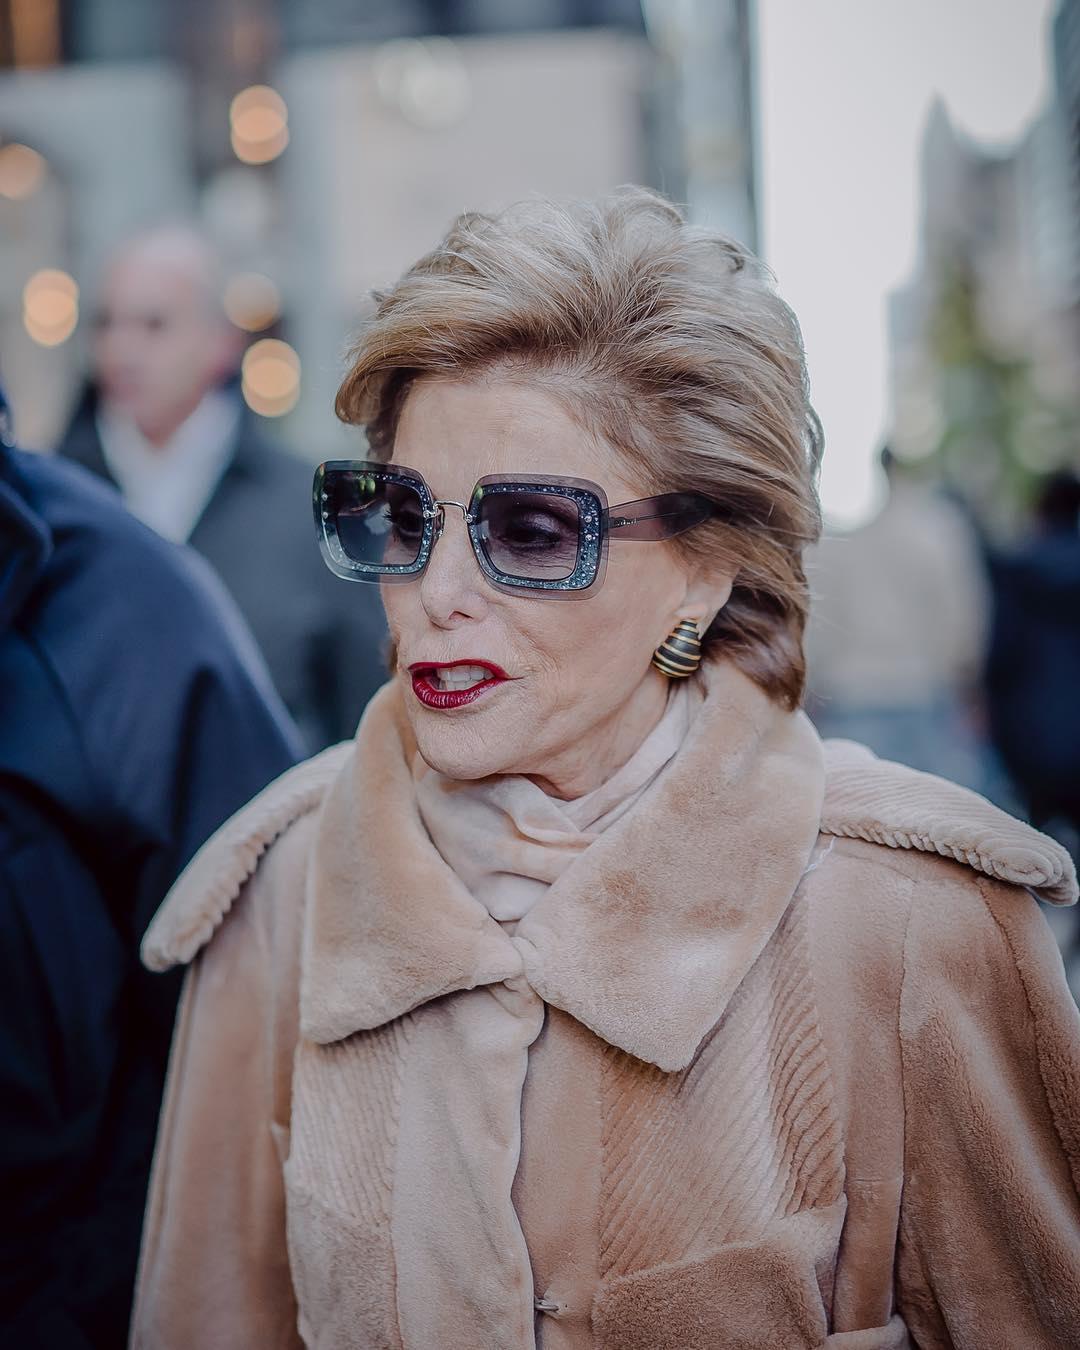 «Вот это бабушки!»: 5 пожилых итальянских красавиц, которыми восхищаются в Сети